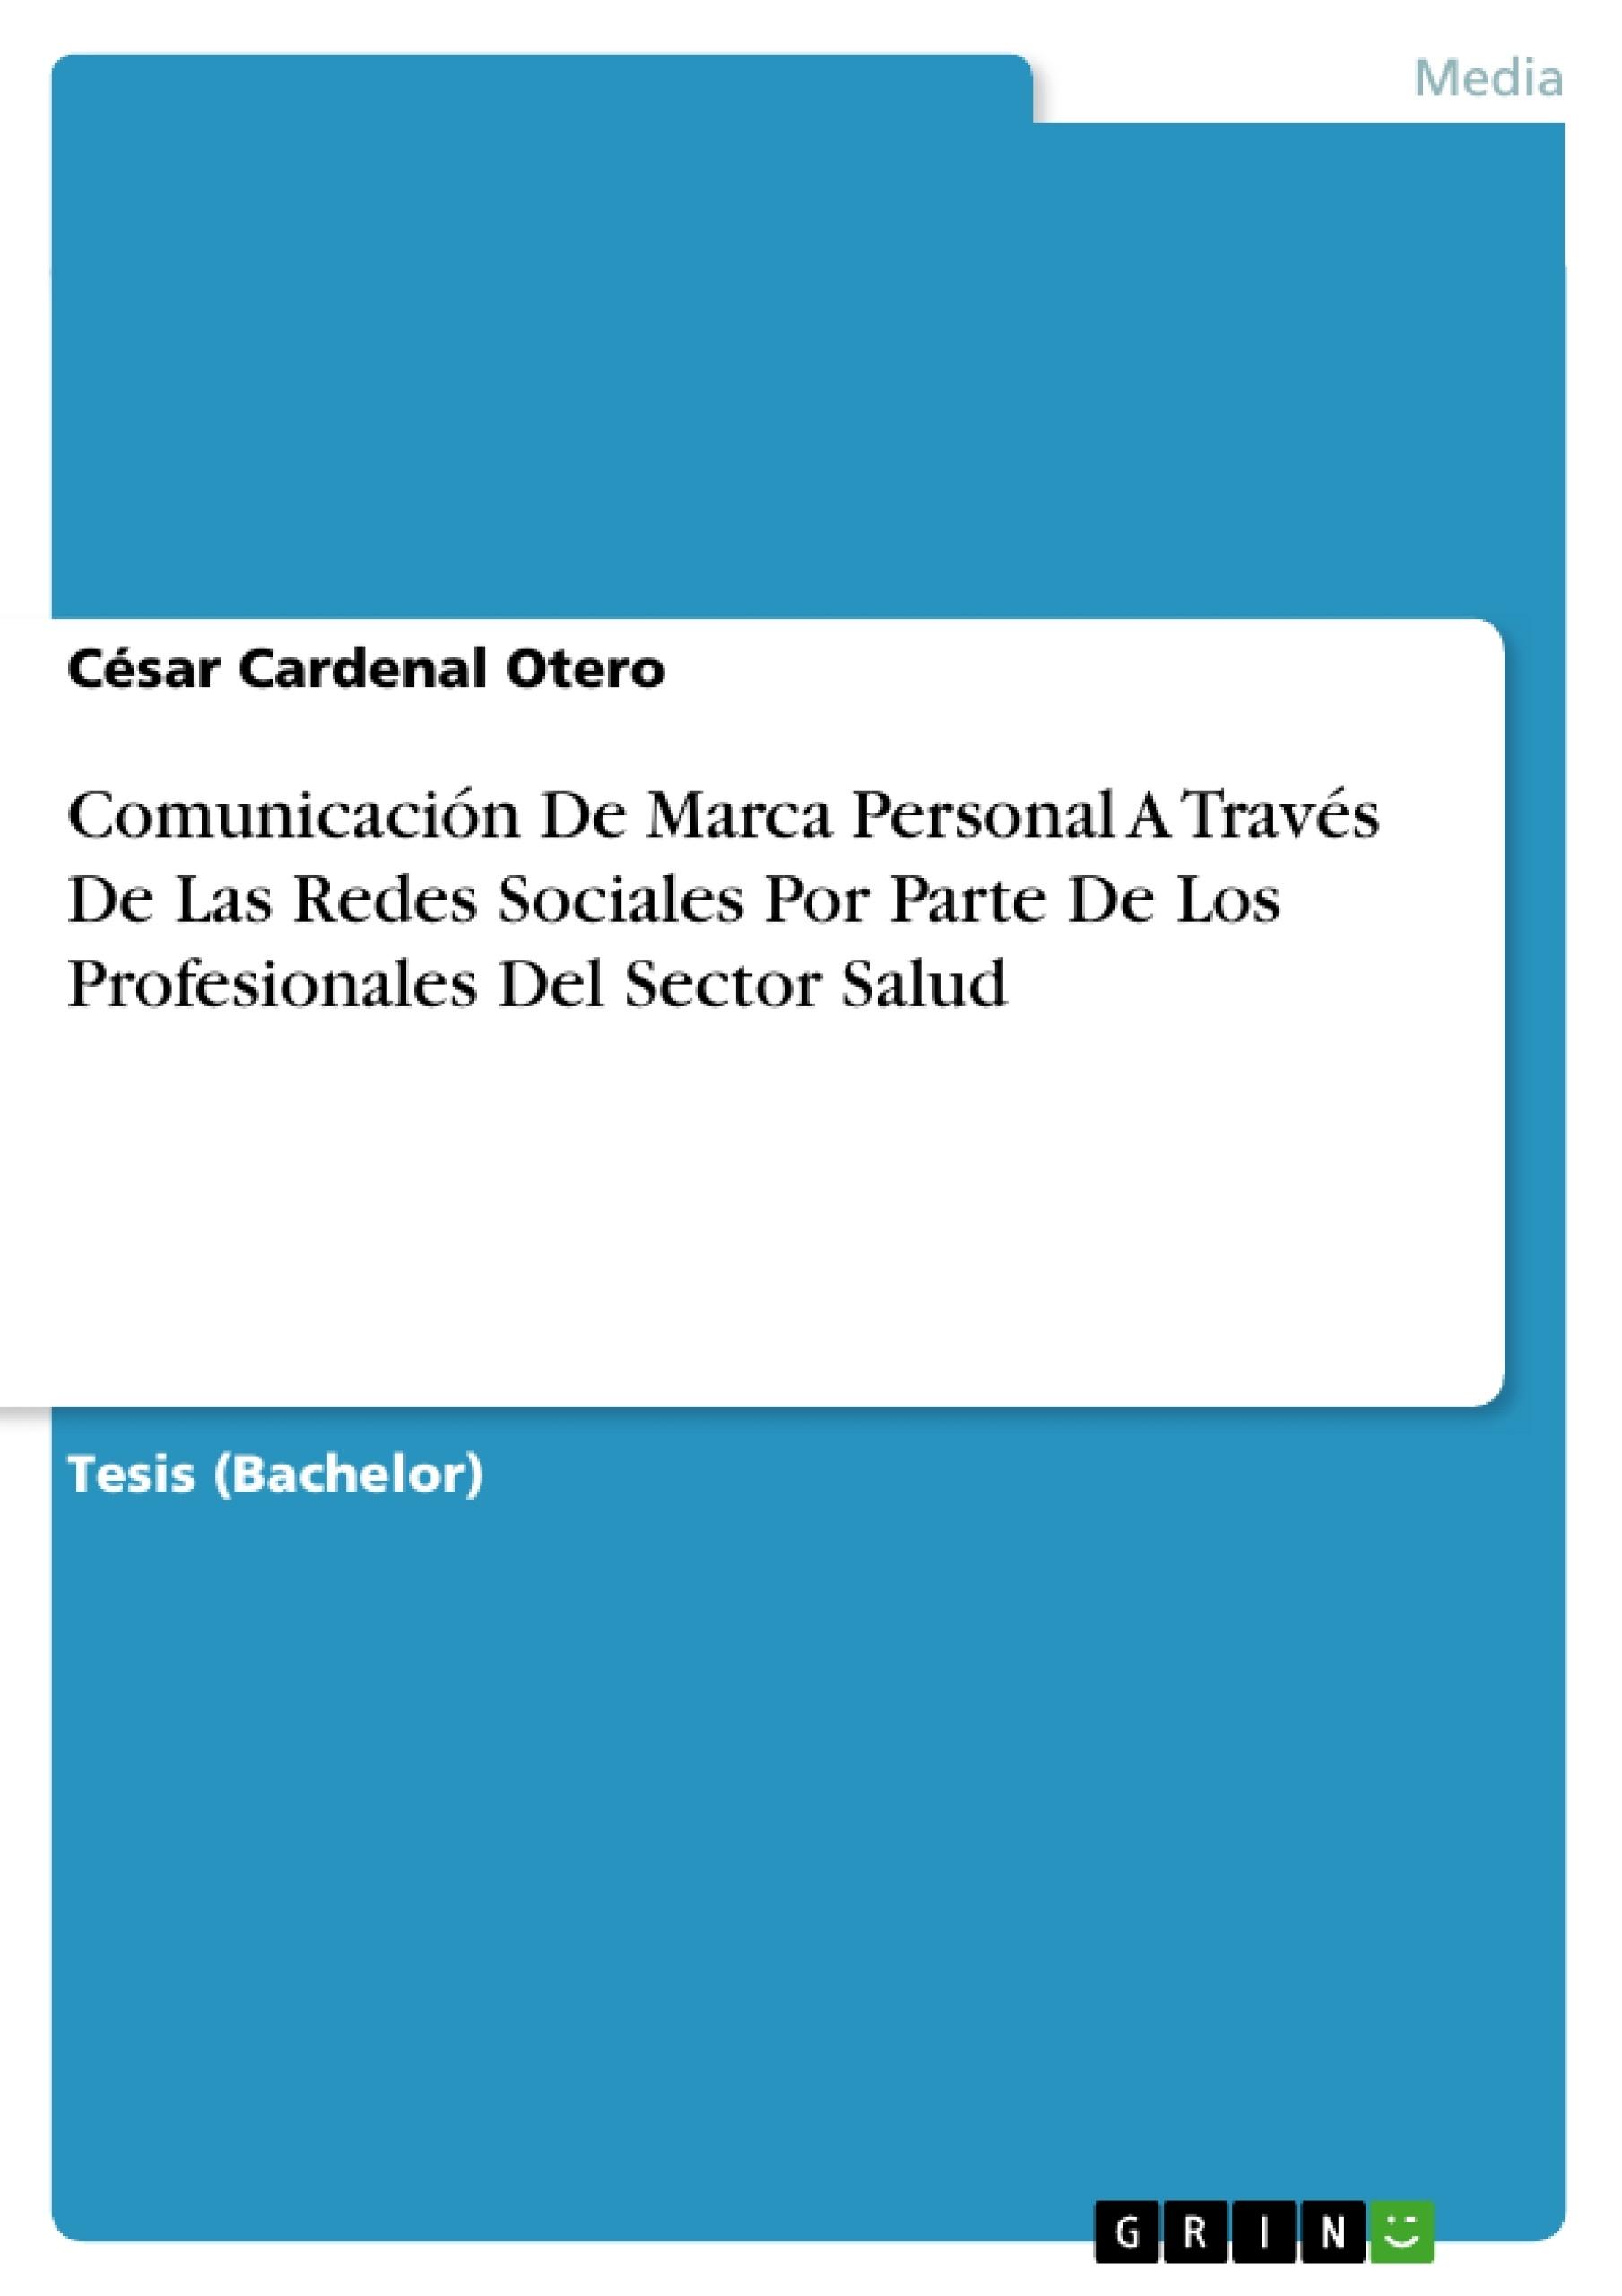 Título: Comunicación De Marca Personal A Través De Las Redes Sociales Por Parte De Los Profesionales Del Sector Salud